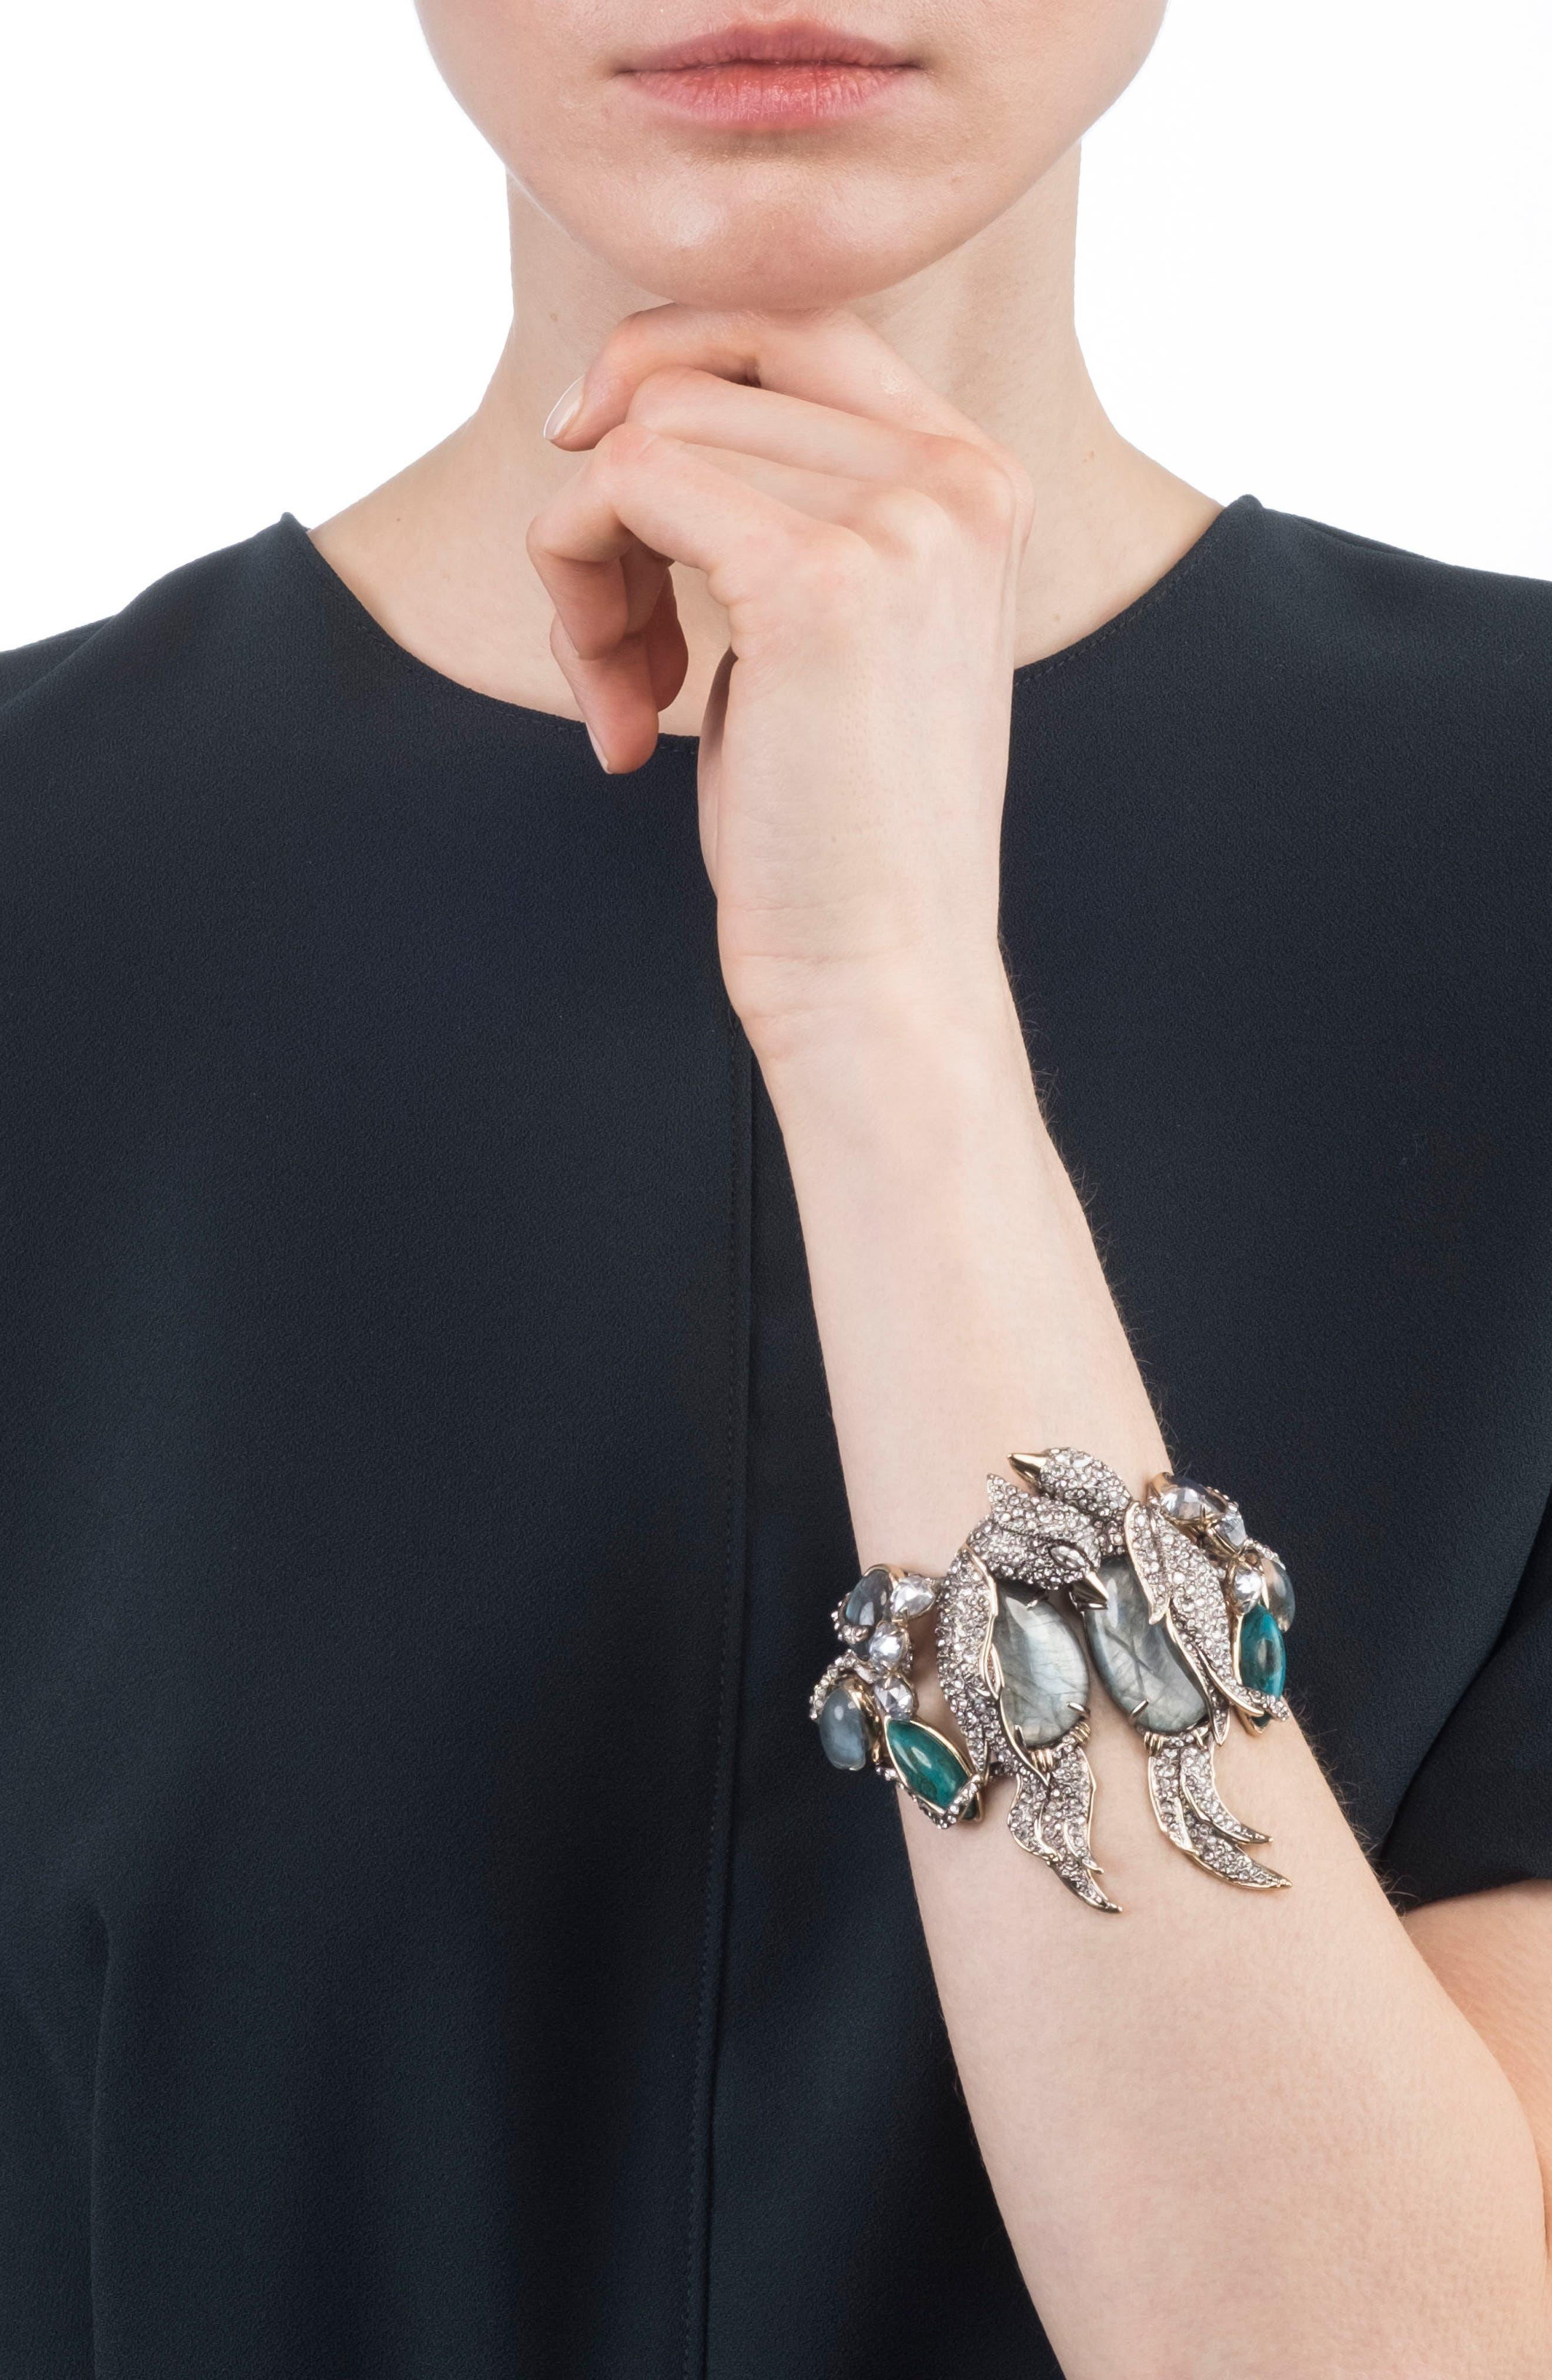 Lovebird Hinge Bracelet,                             Alternate thumbnail 2, color,                             710